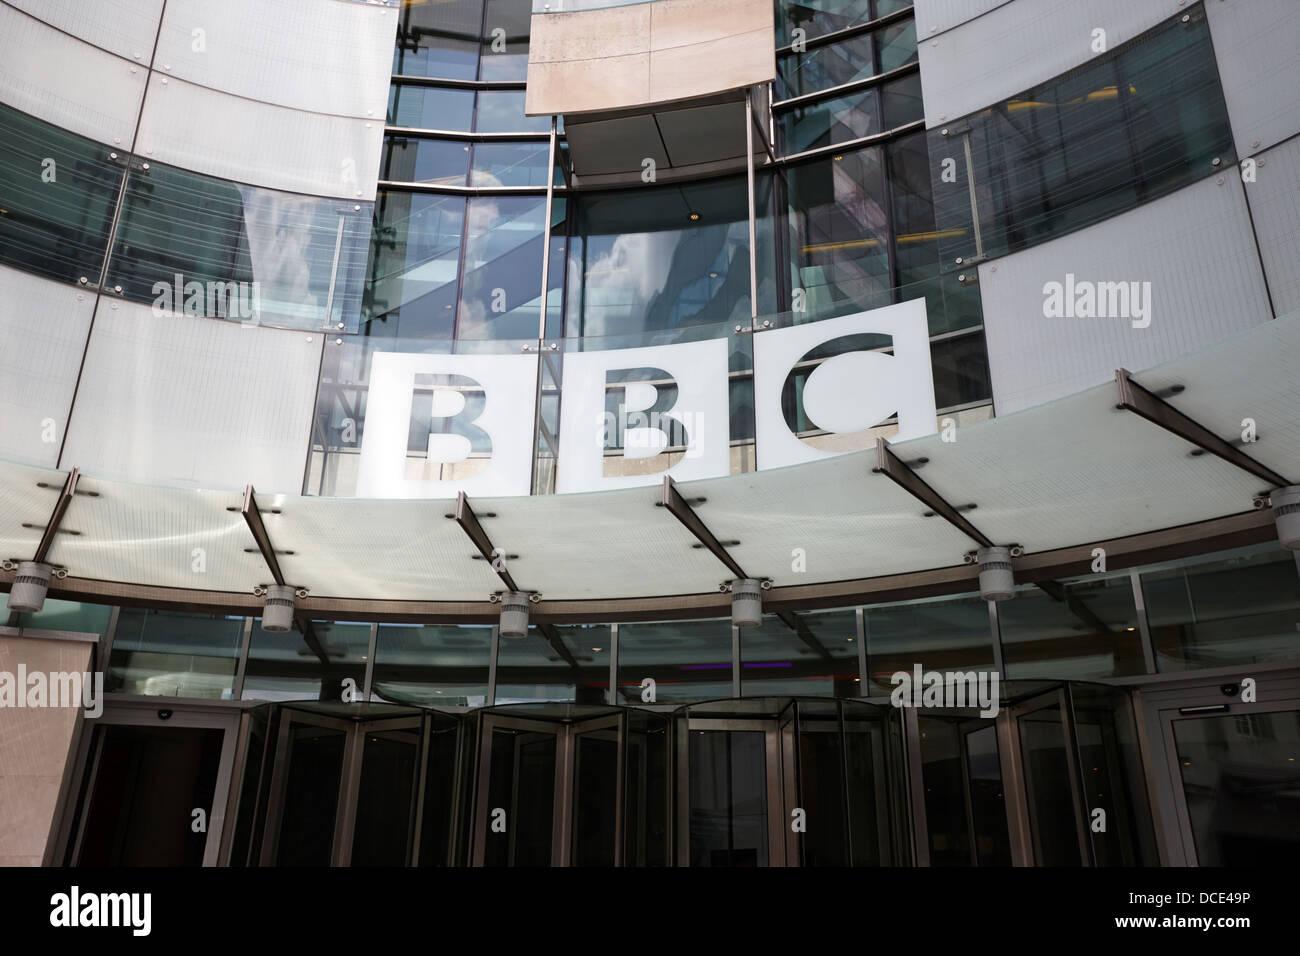 new entrance to bbc broadcasting house London England UK - Stock Image